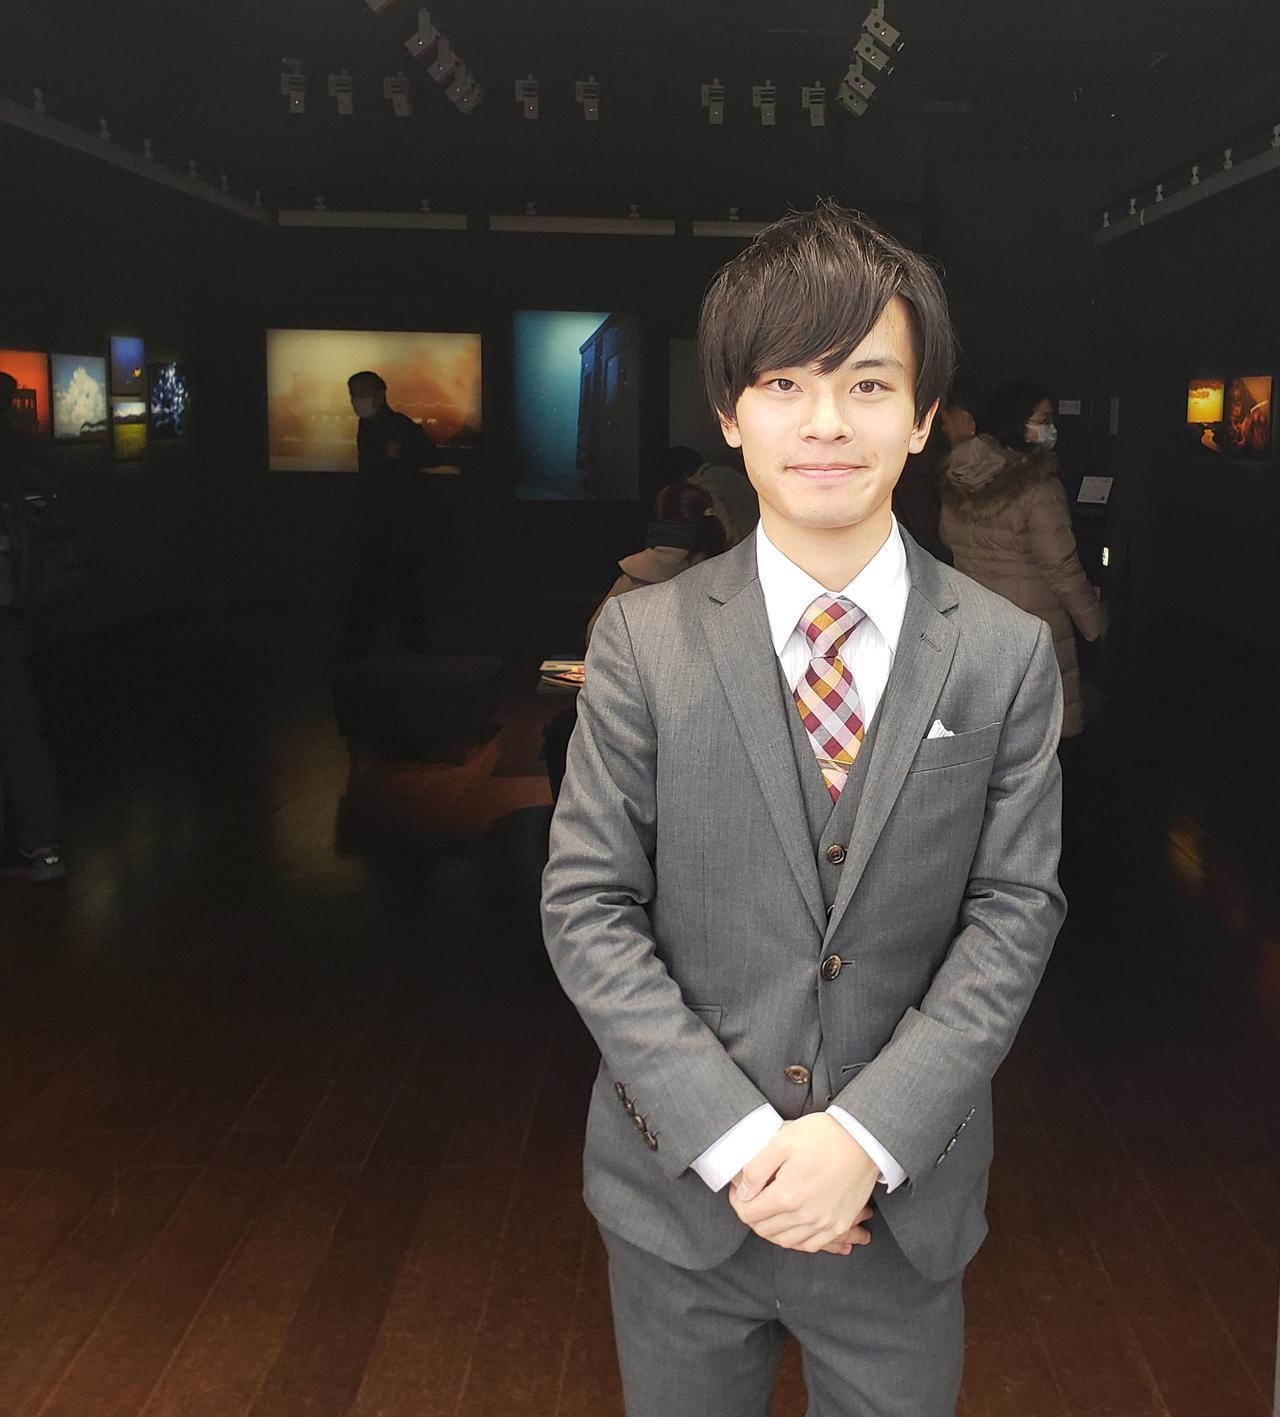 画像: 現在は、日本大学芸術学部写真学科で写真を学びながら、日本各地の鉄道写真を撮影している栗原朗さん。